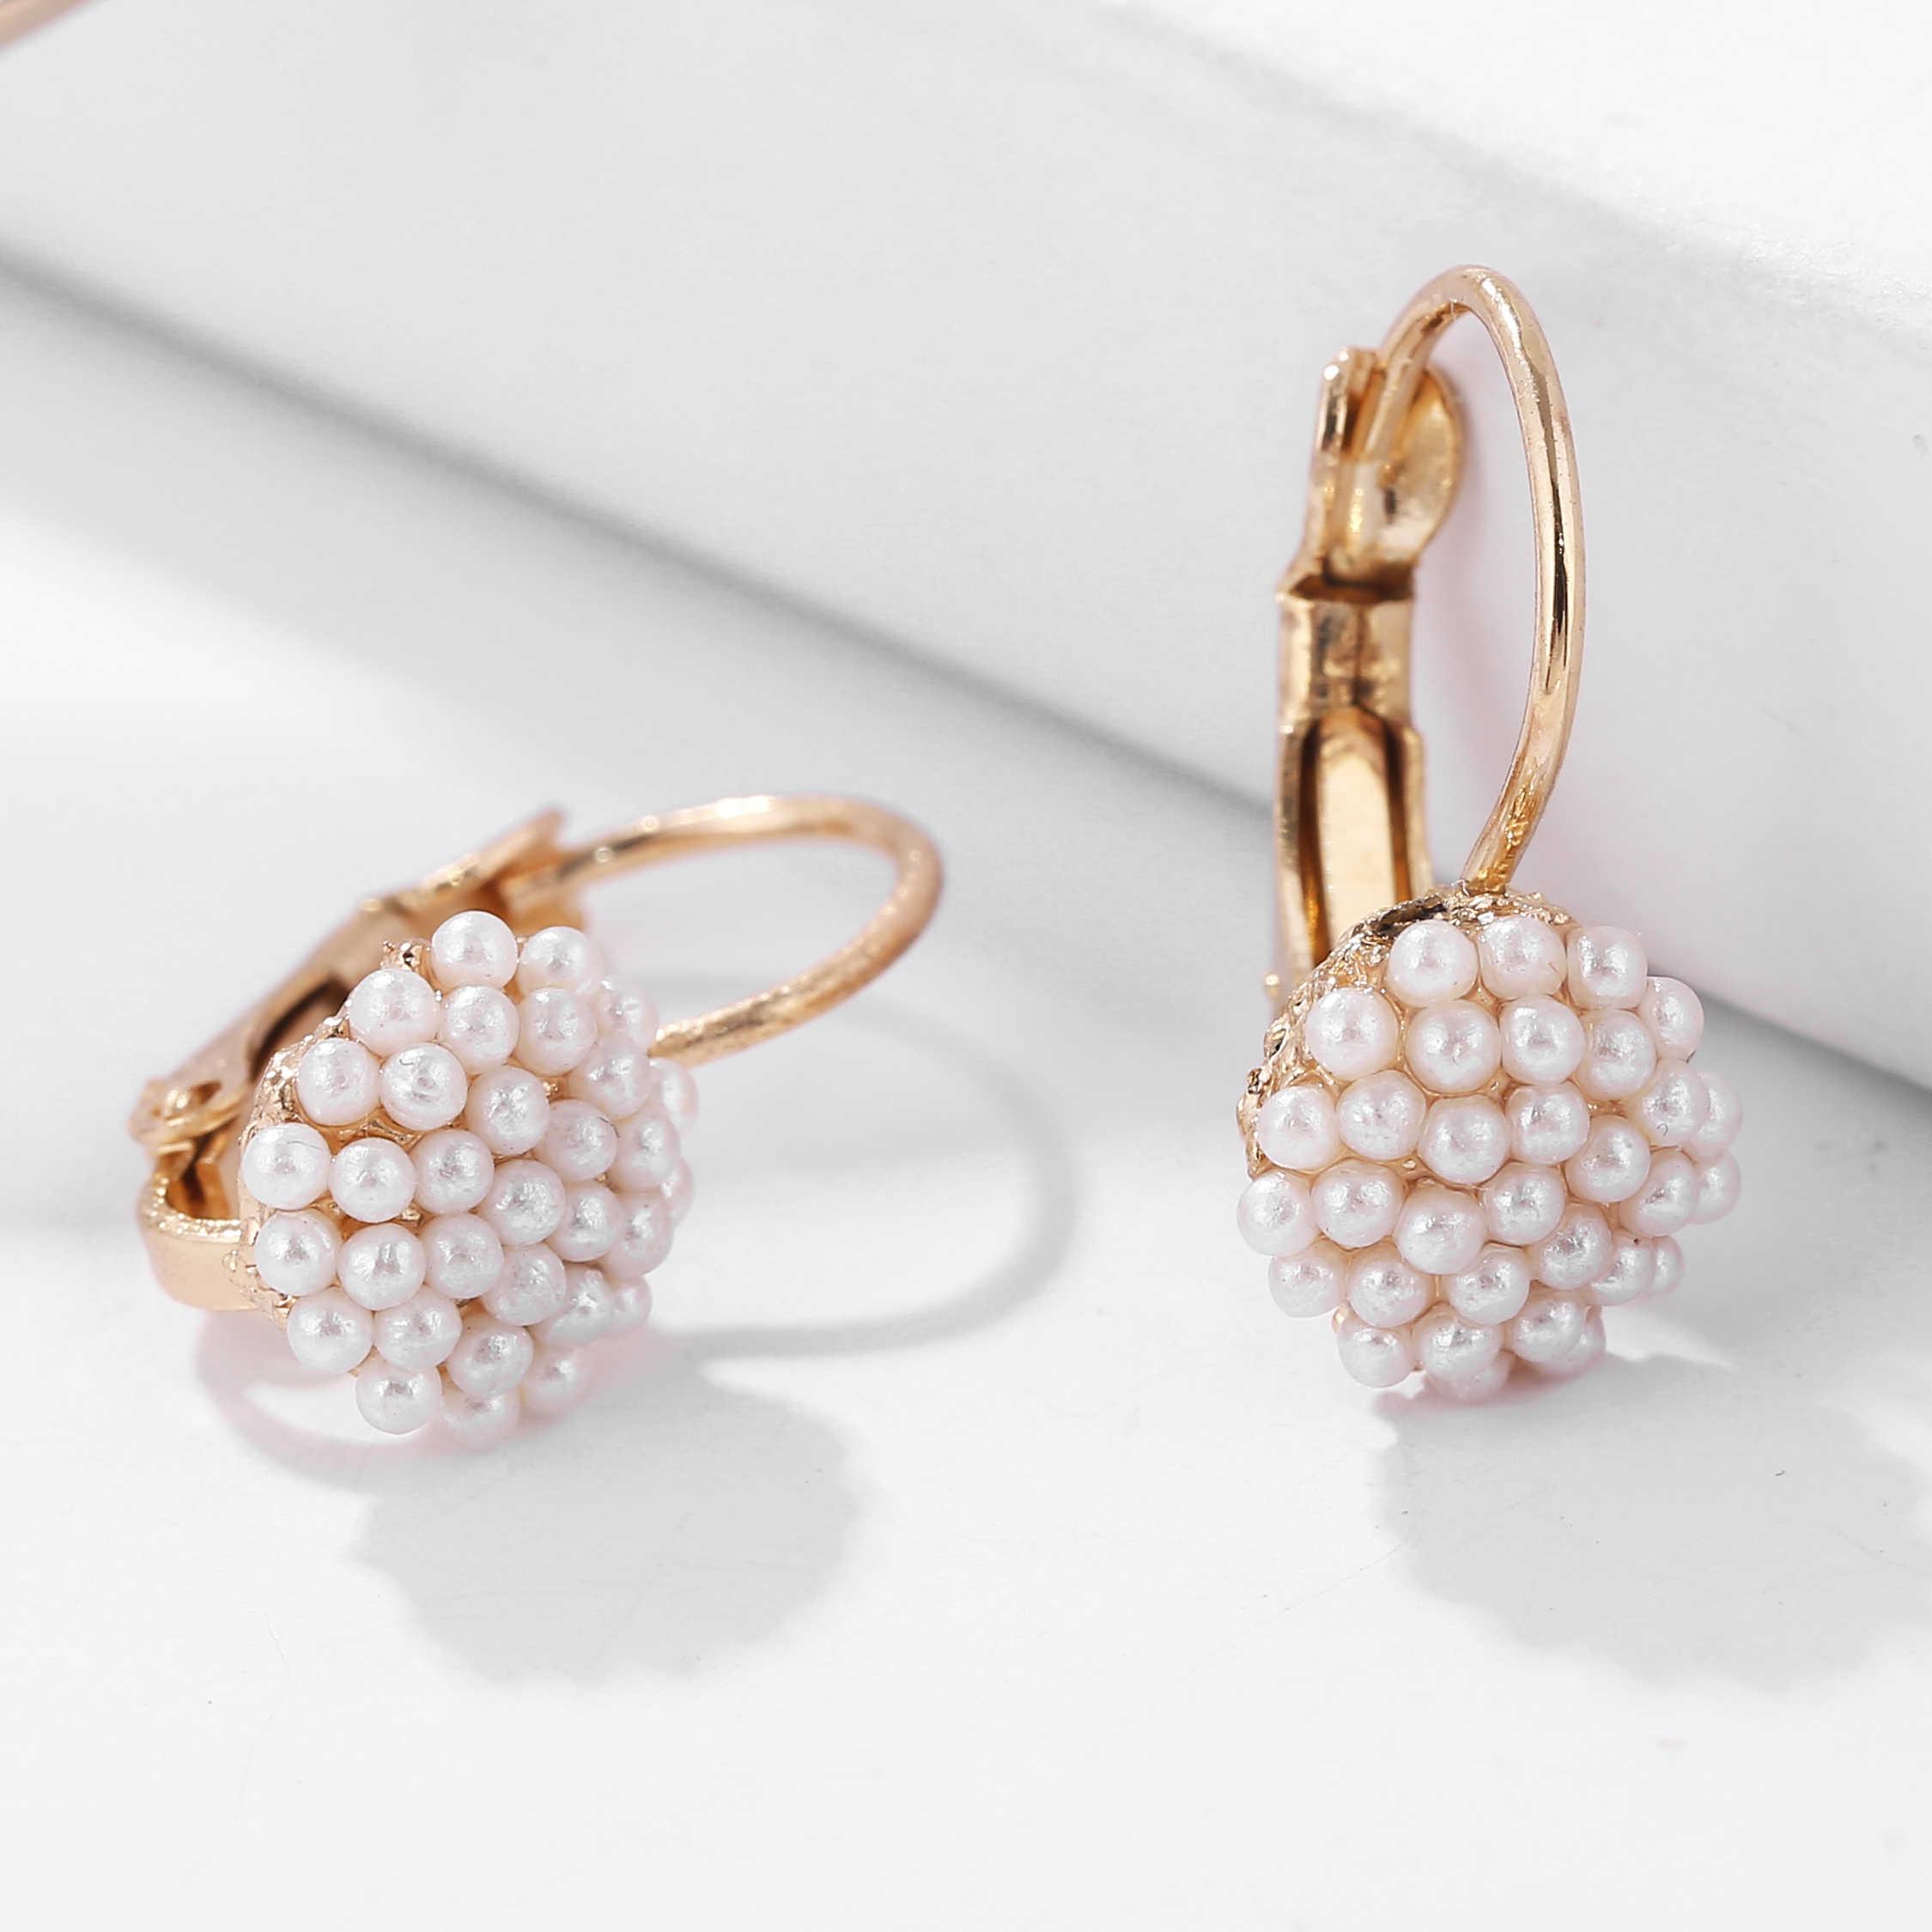 1 זוג 2019 חדש תכשיטים נשים ליידי אלגנטי פרל חרוזים אוזן Stud עגילים לנשים חתונת Jewerly תכשיטי חג המולד